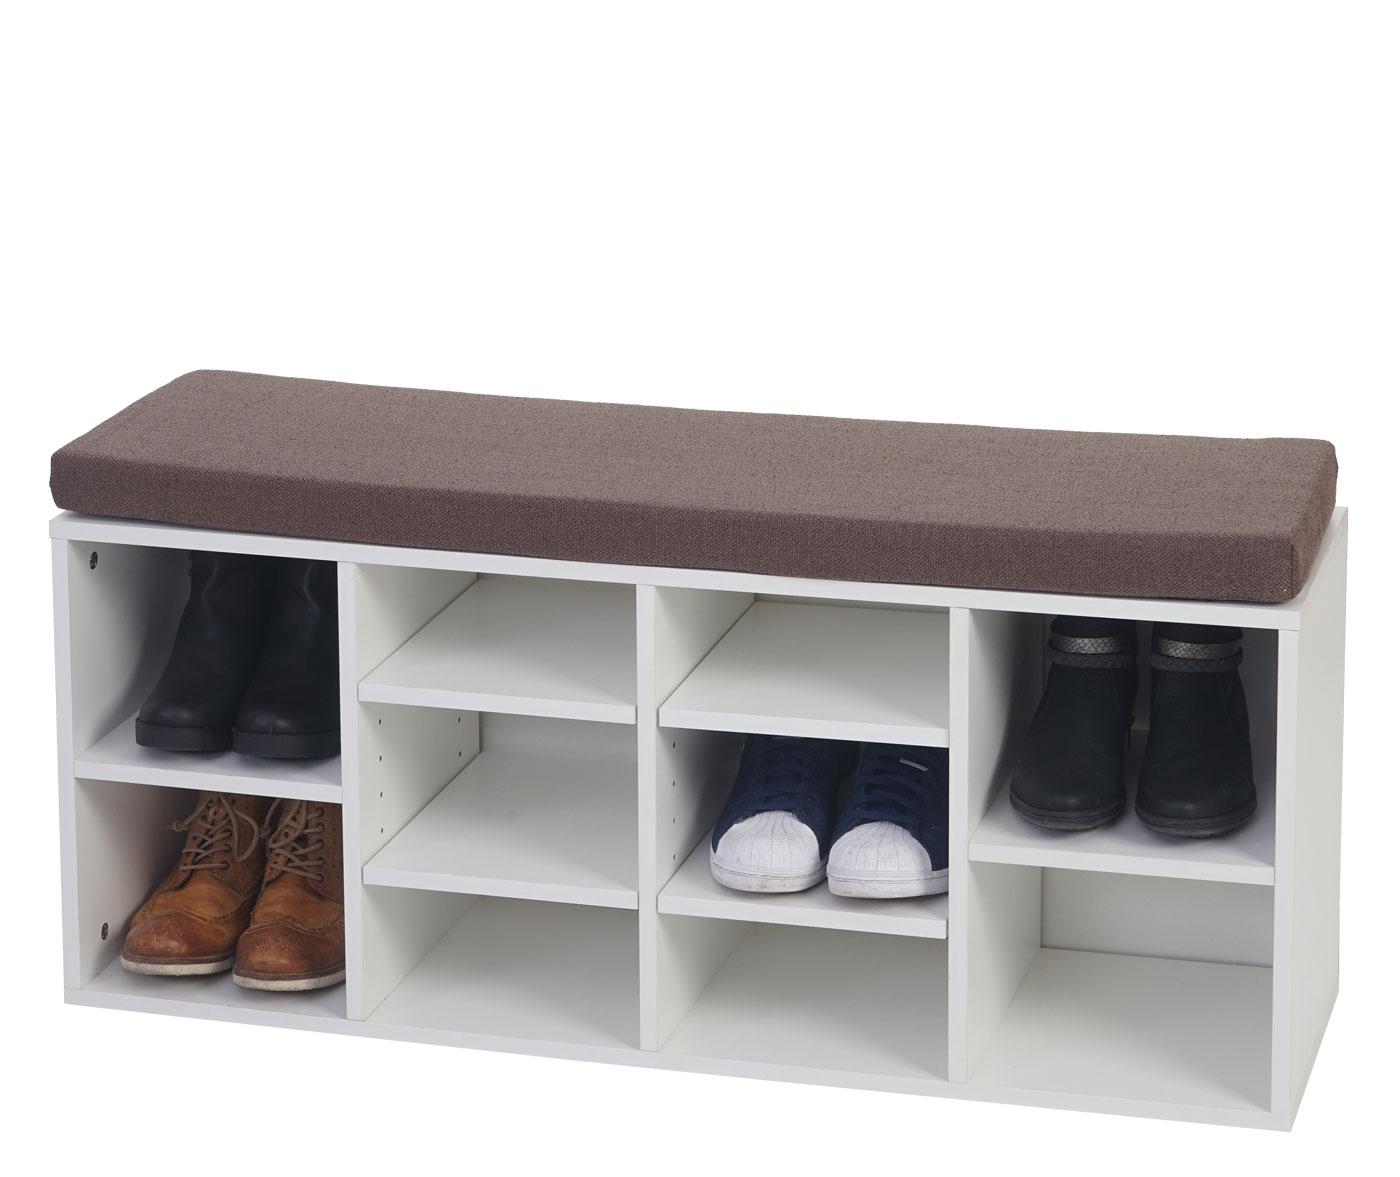 Brisbane, Schuhschrank Regal + Sitzkissen, 49x104x29cm